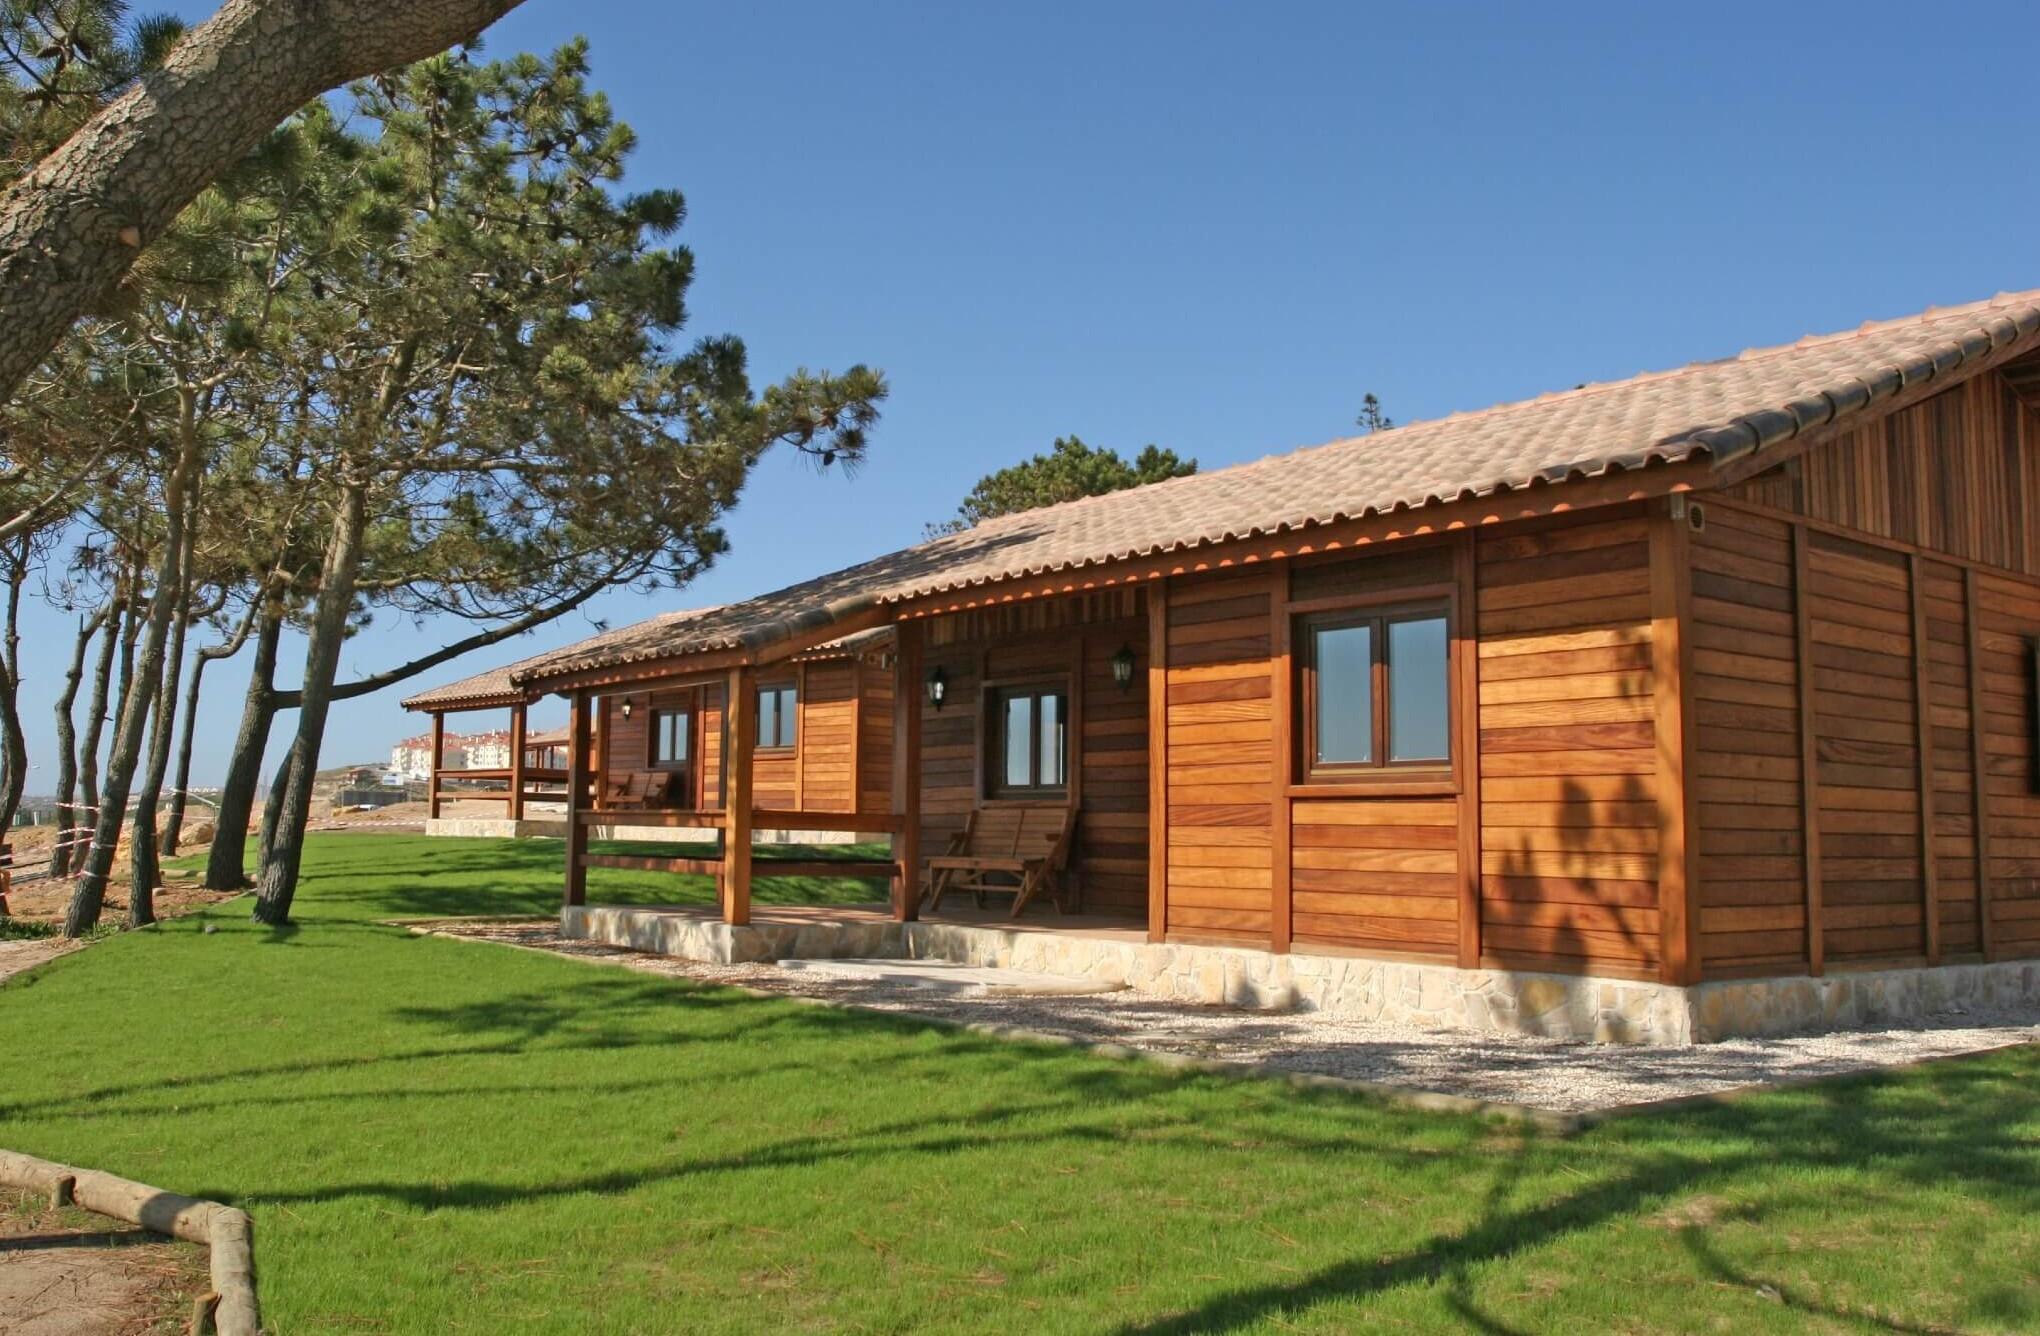 parque-de-campismo-Camping-Ericeira-Camping-Lisboa-melhores-parques-de-campismo-no-centro